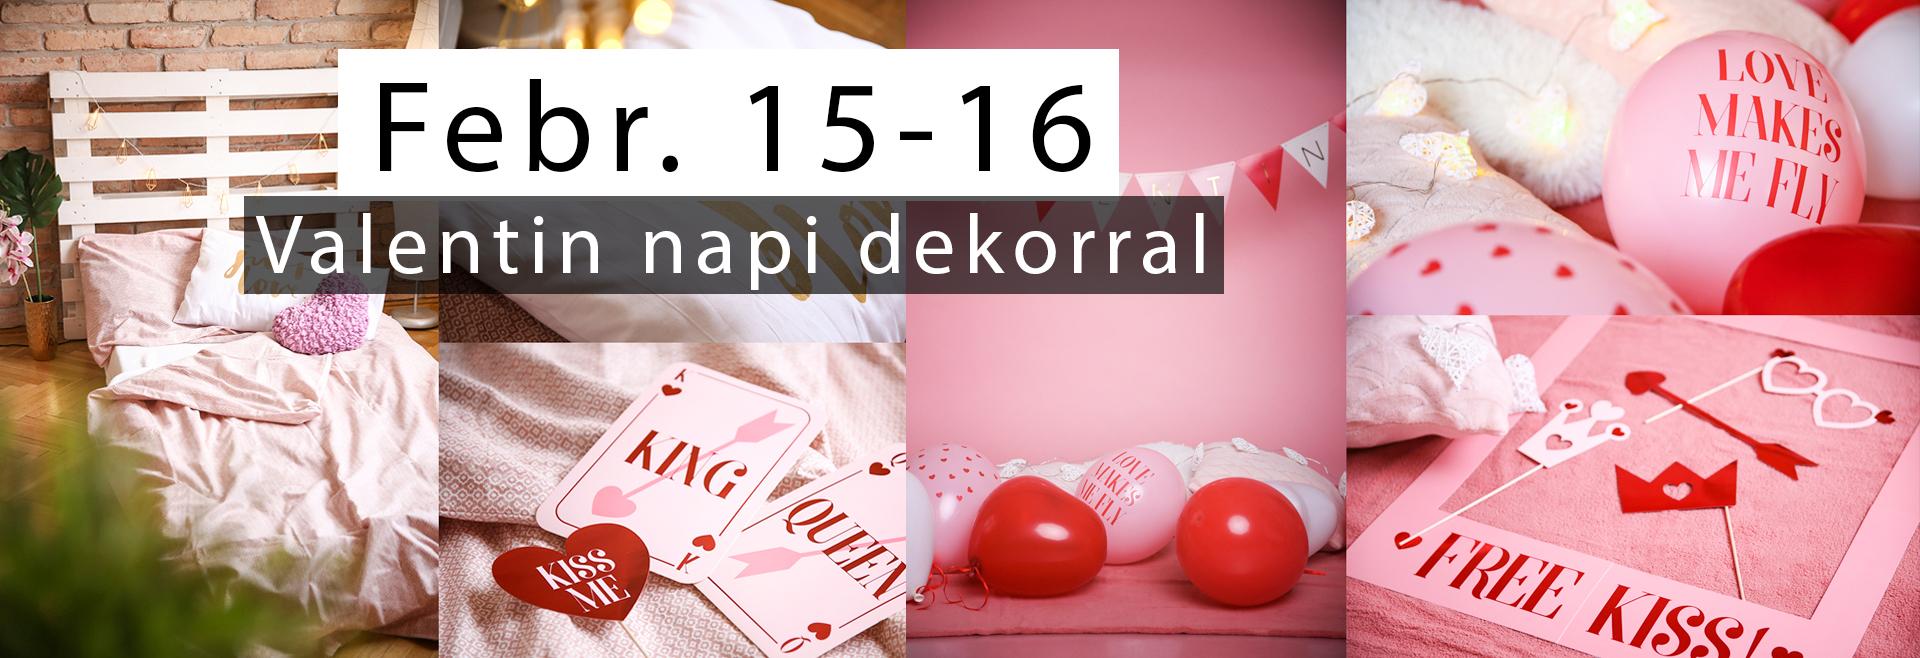 Valentin napi dekorációval bérelhető fotóstúdió Budapesten